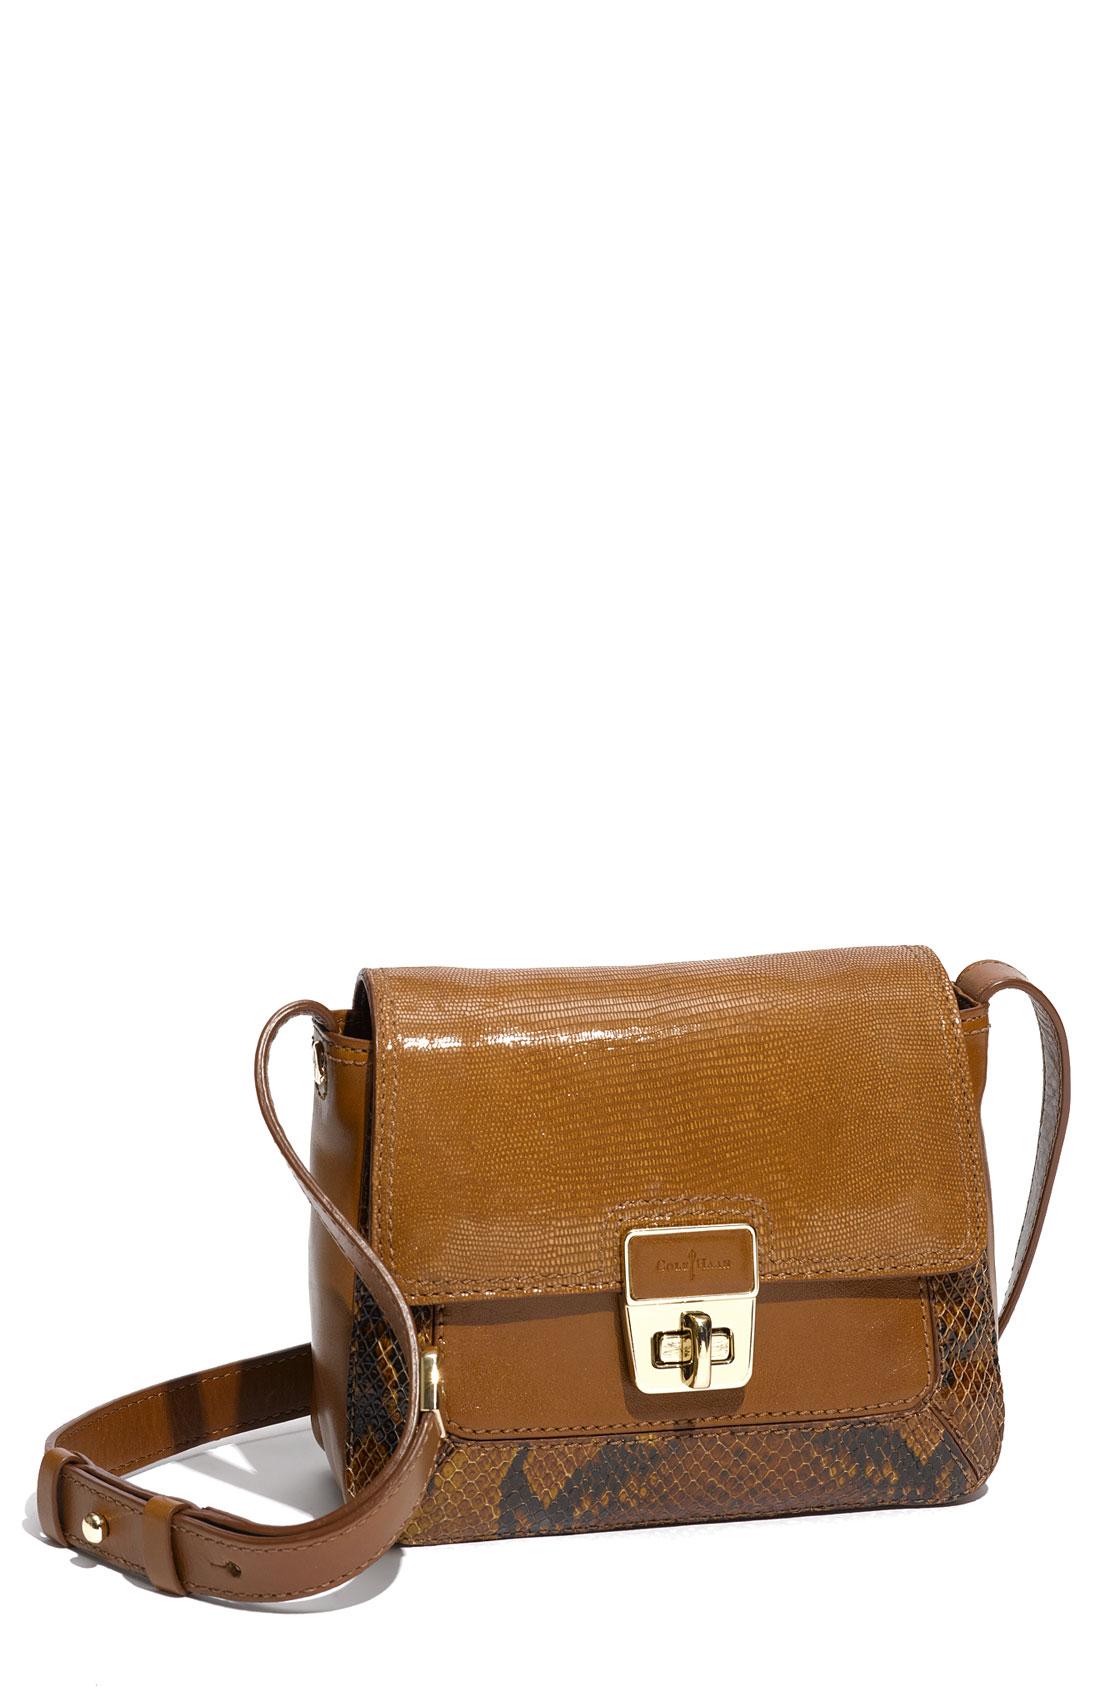 Cole Haan Brown Crossbody Bag 83